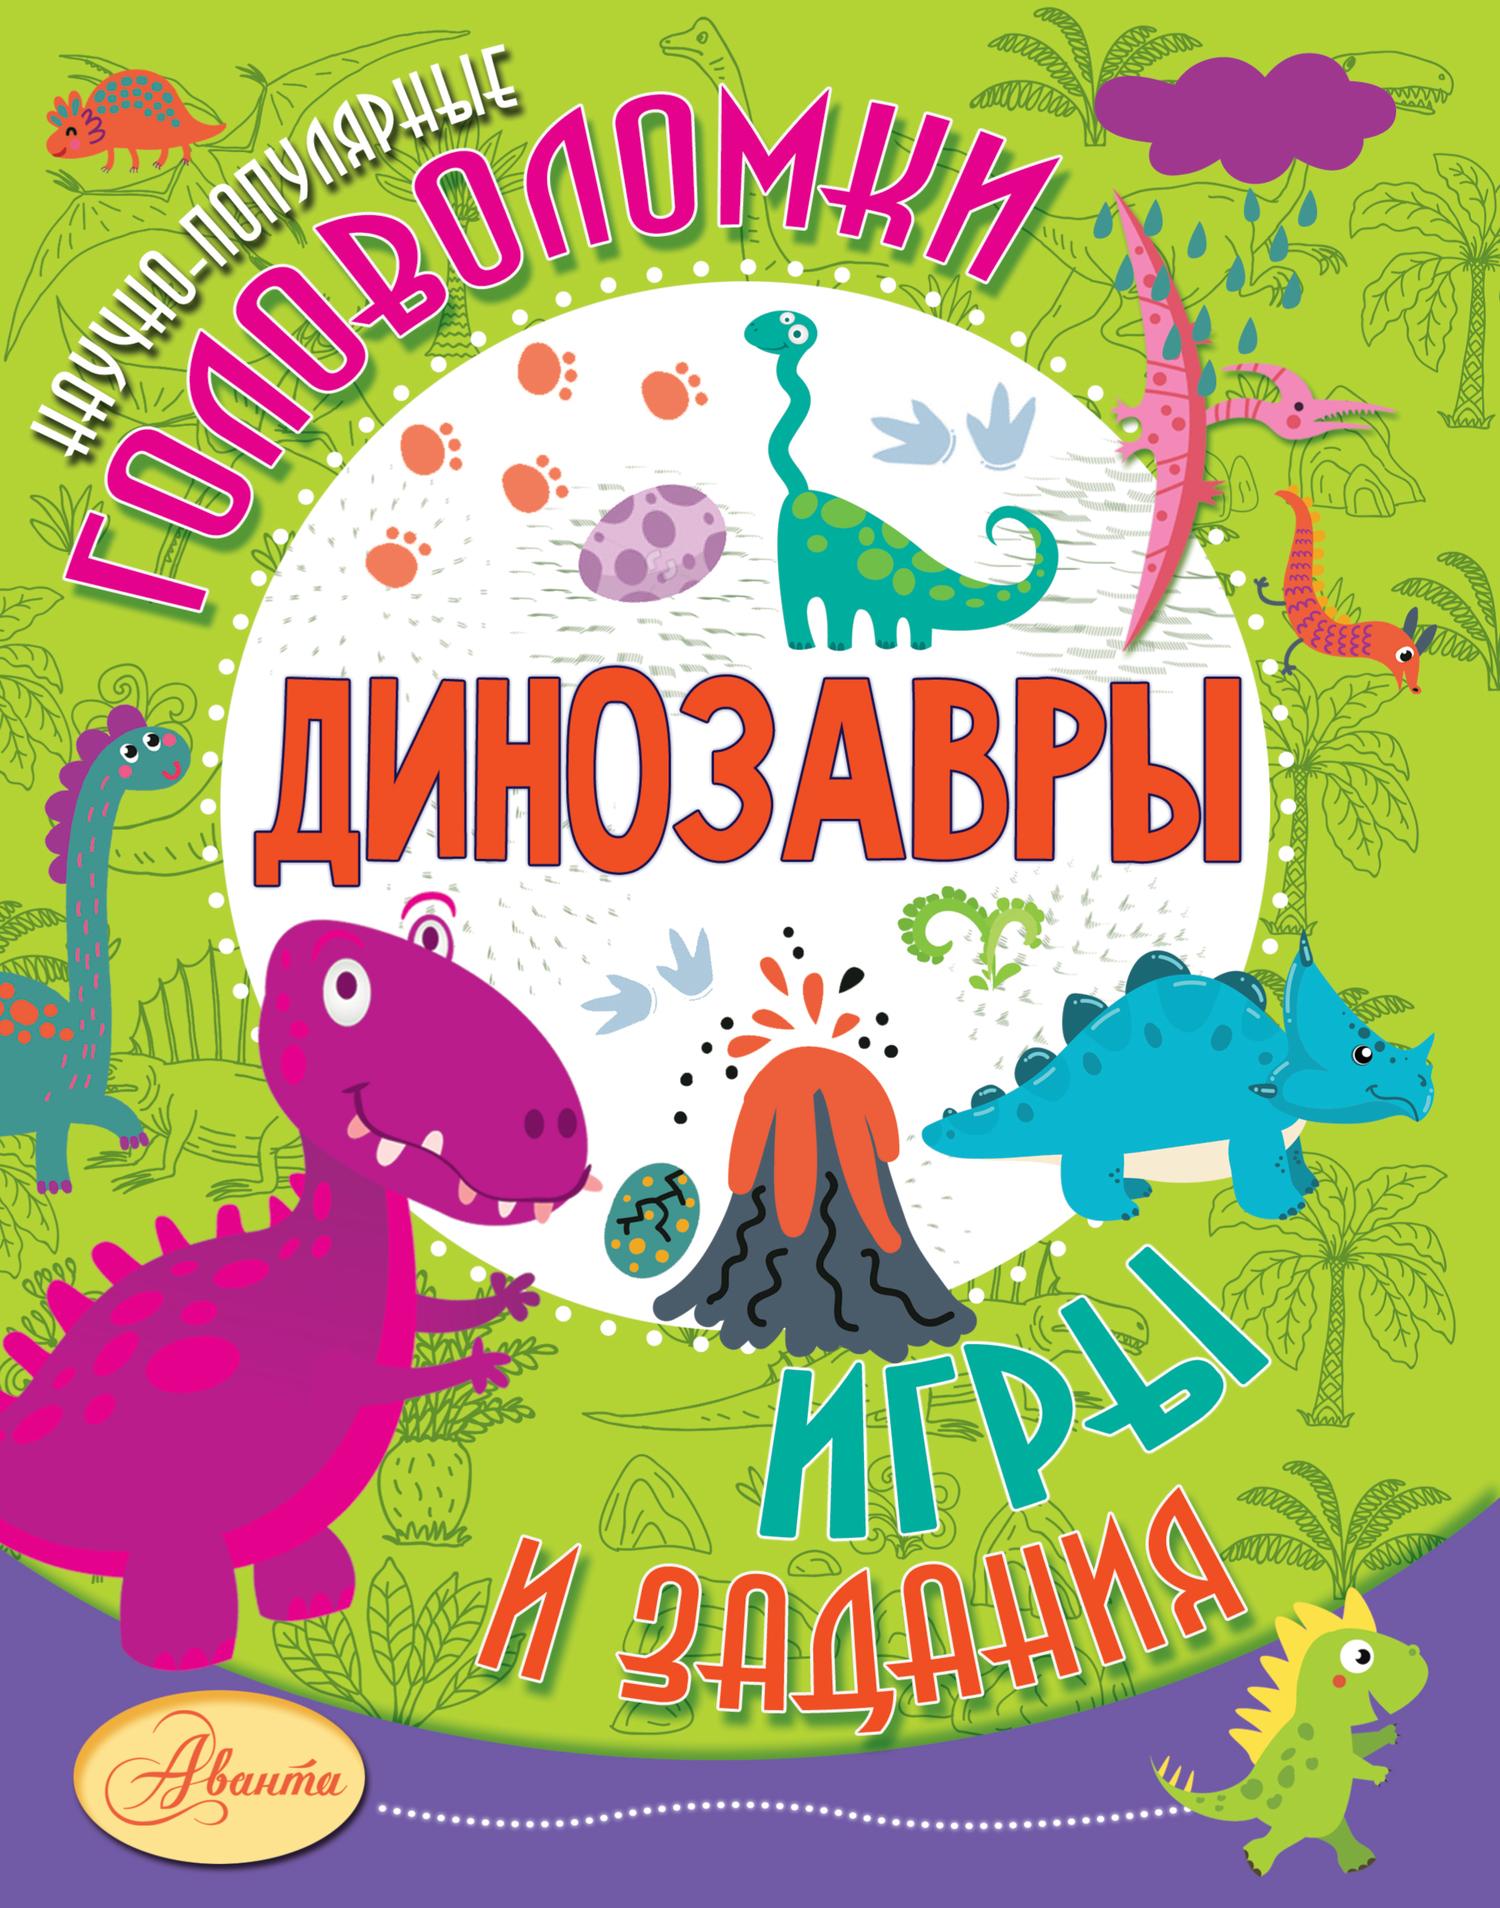 А. В. Тихонов, книга Динозавры – скачать в pdf – Альдебаран